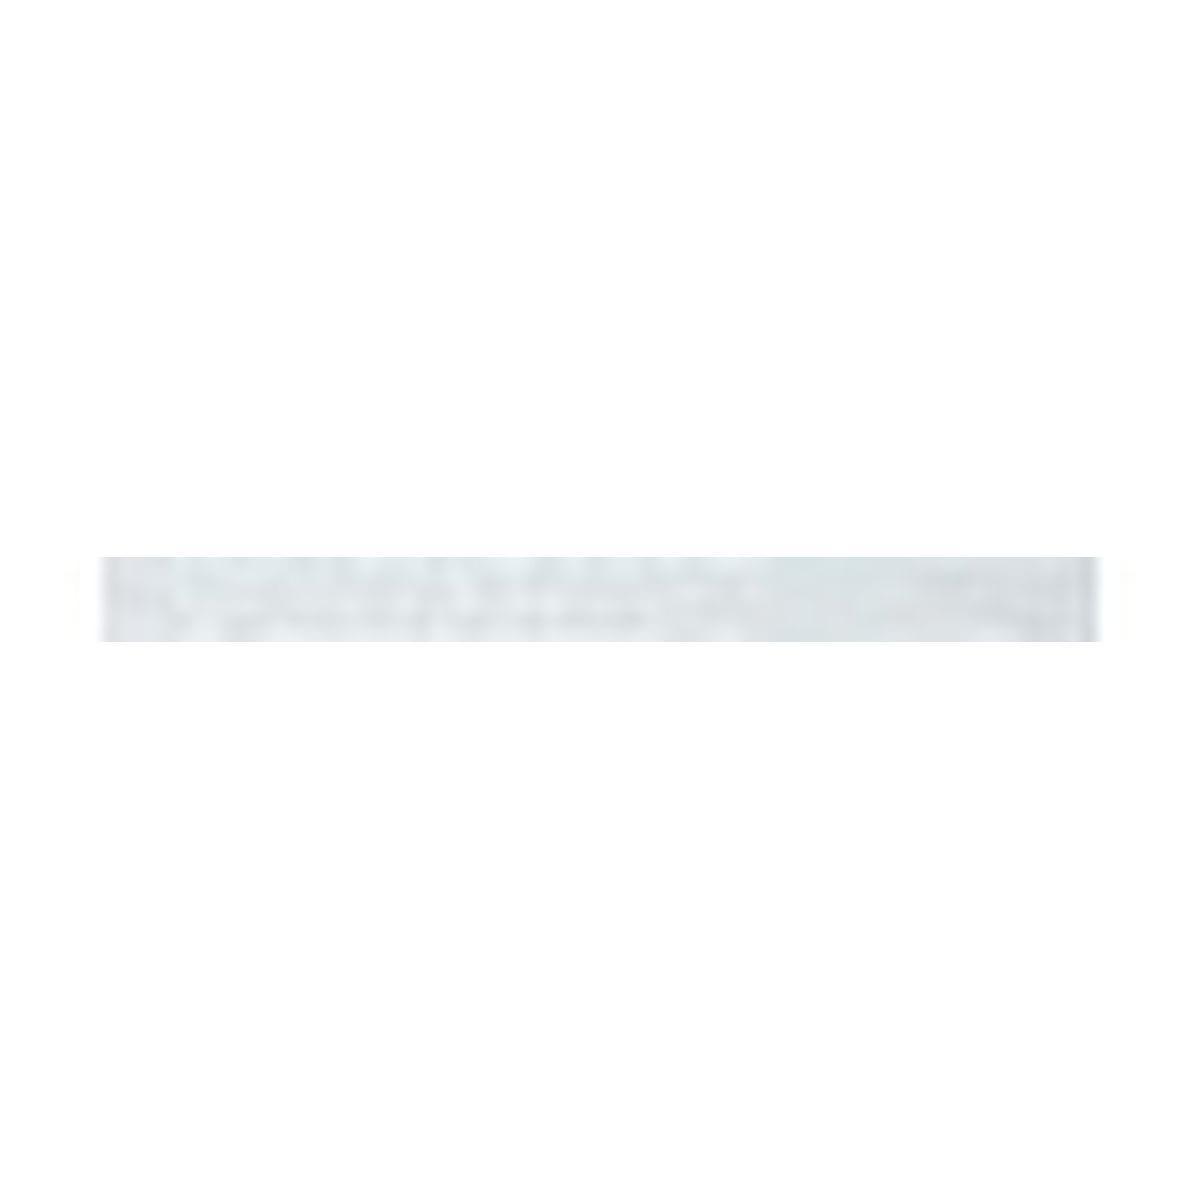 Дверная коробка Перекладина D.Craft 1000 Белая